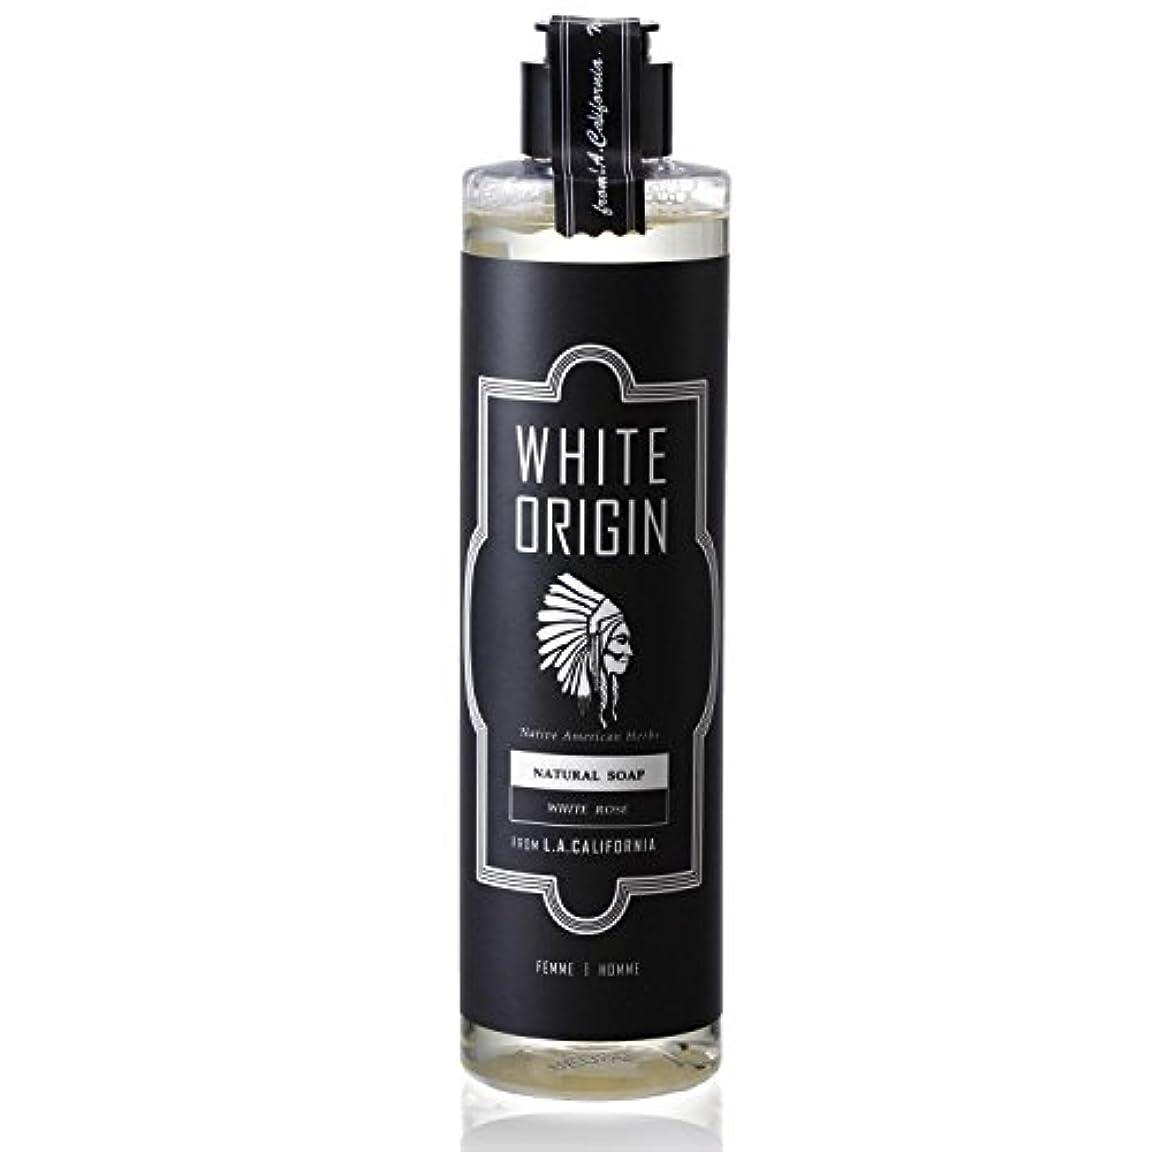 バラエティアナウンサー彼らはWHITE ORIGIN ボディソープ 300ml 加齢臭 ケア オーガニック ナチュラル 男前 乾燥 ホワイトローズ